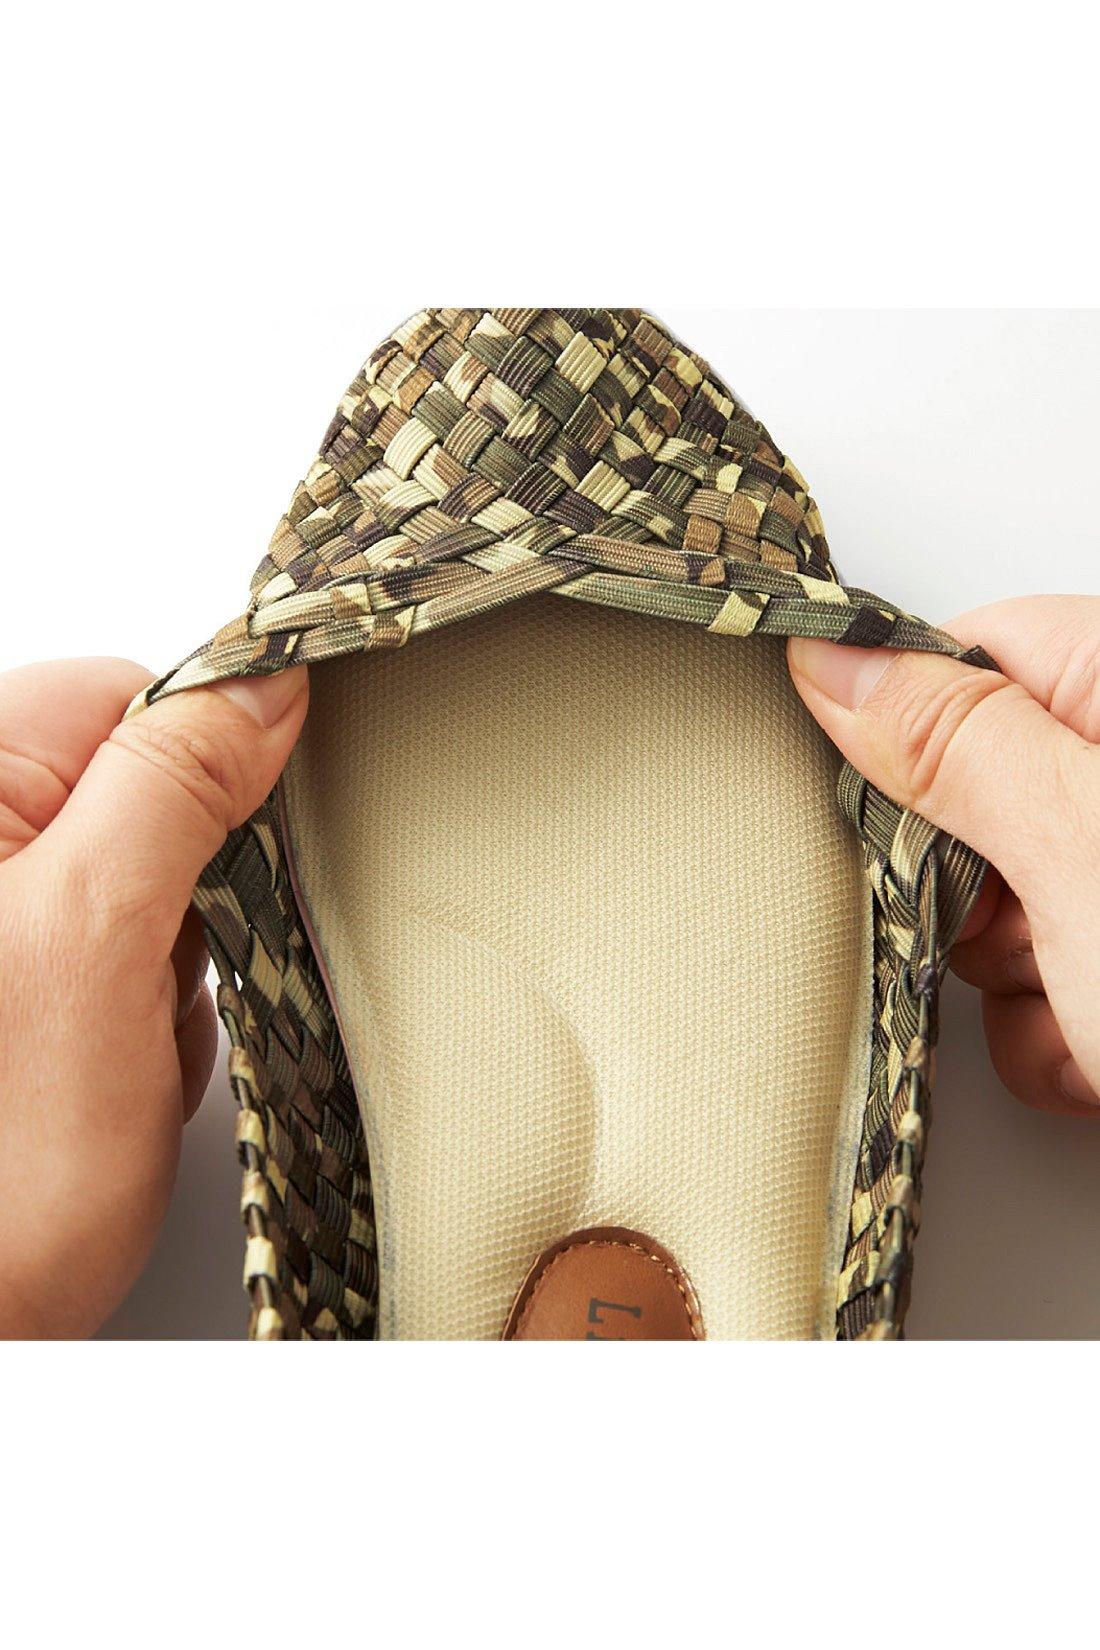 ムレにくく涼しい、編み編みの総ゴムメッシュ仕様。らくらく伸びて足にやさしくフィット。※お届けするカラーとは異なります。